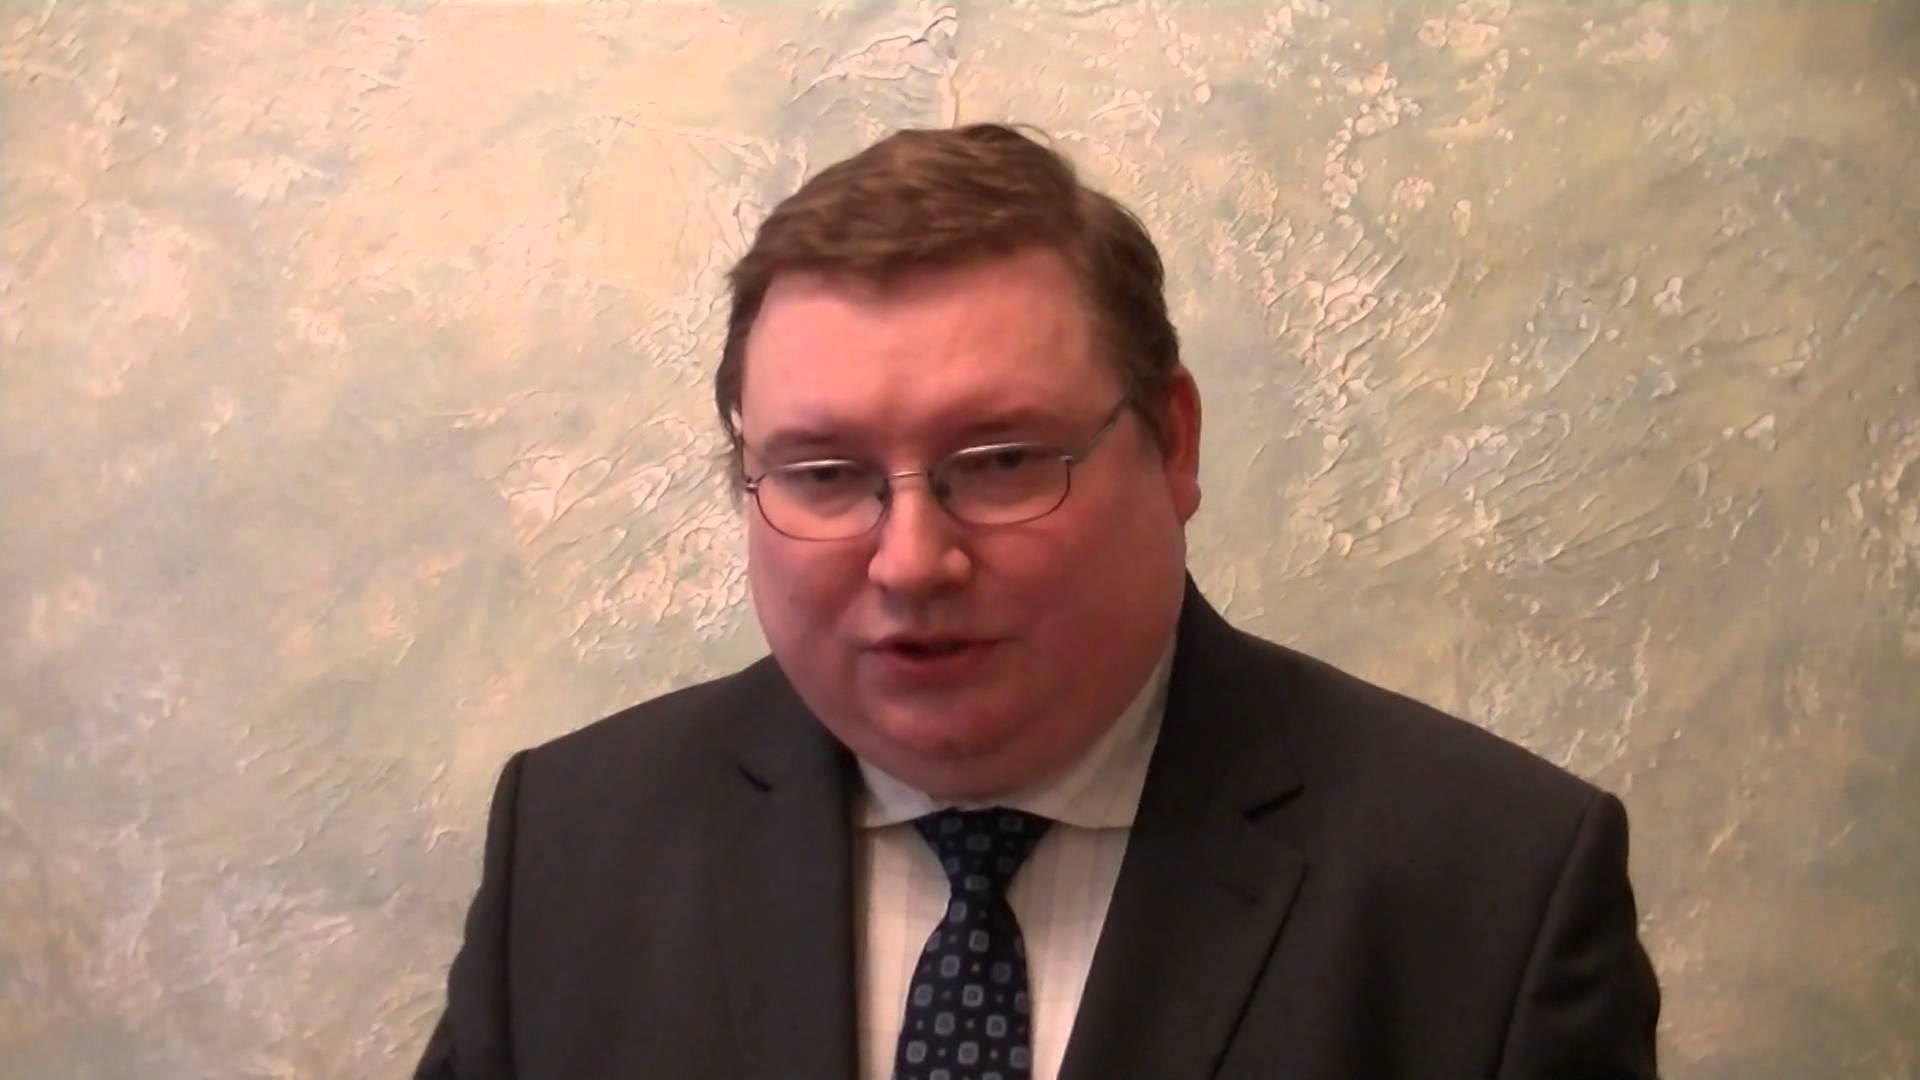 Wywiad dyrektora Lex Nostra Macieja Lisowskiego dla czeskich mediów